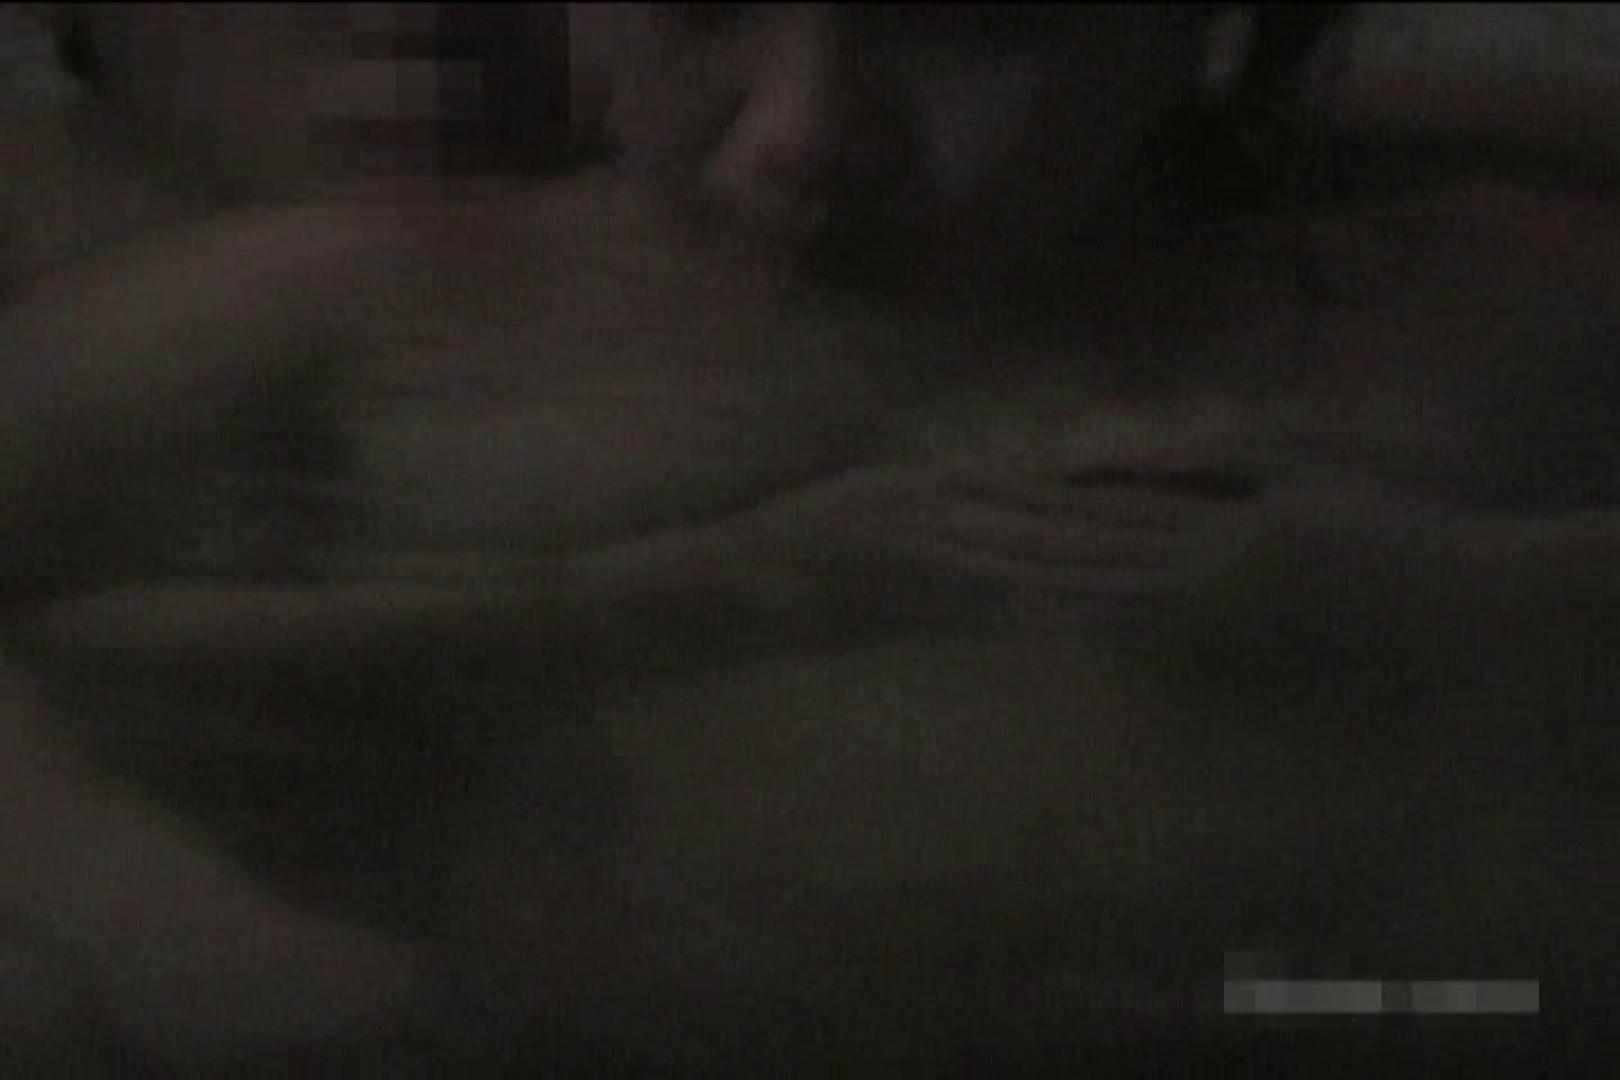 全裸で発情!!家族風呂の実態Vol.1 OL女体 | 喘ぎ  108連発 31